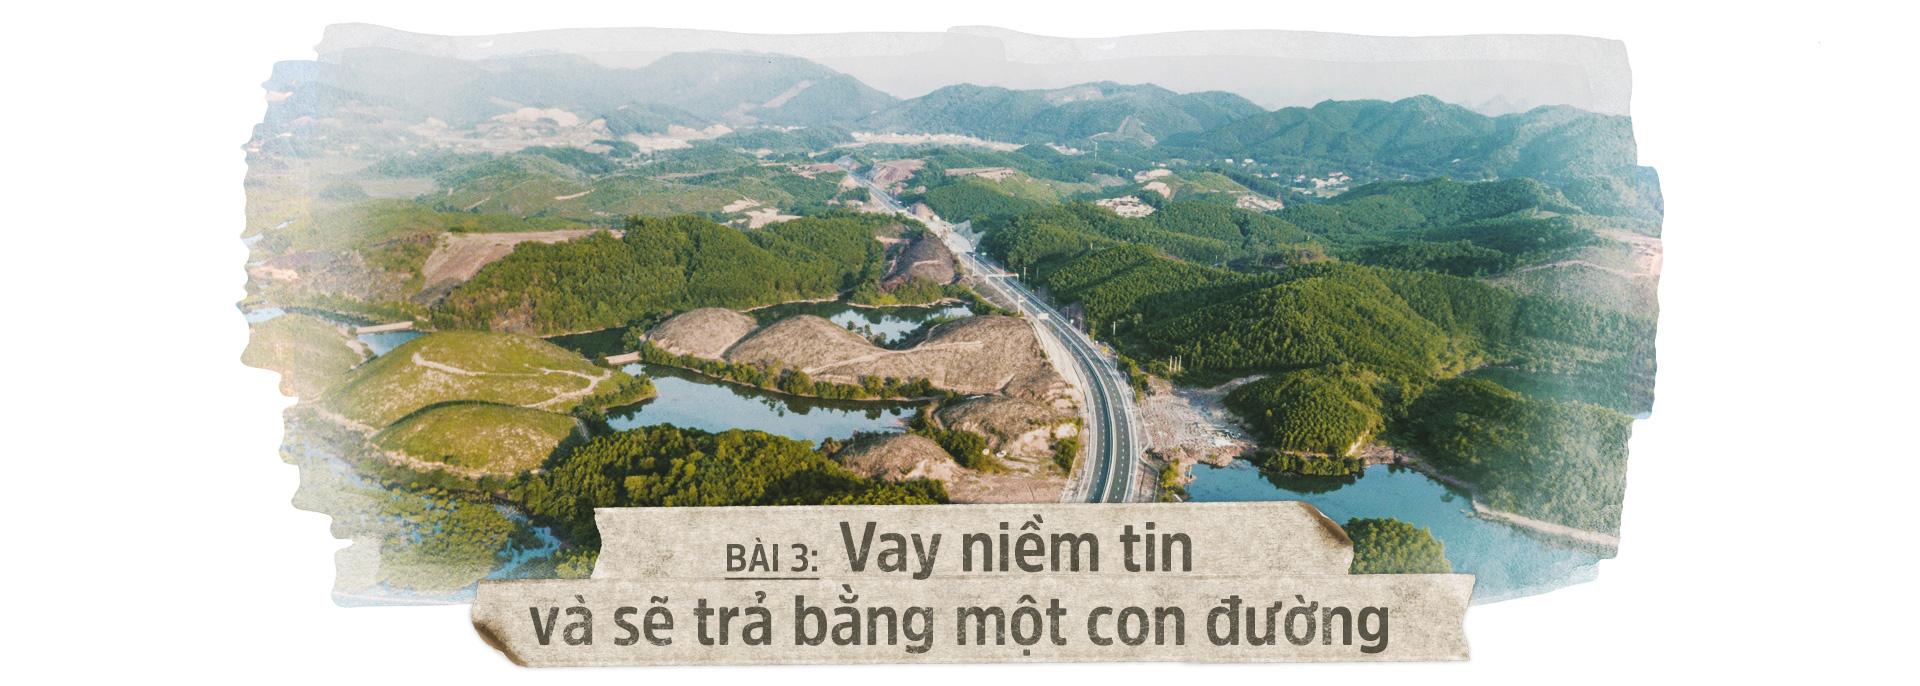 Quảng Ninh - Vì một tuyến cao tốc dài nhất Việt Nam - Ảnh 15.